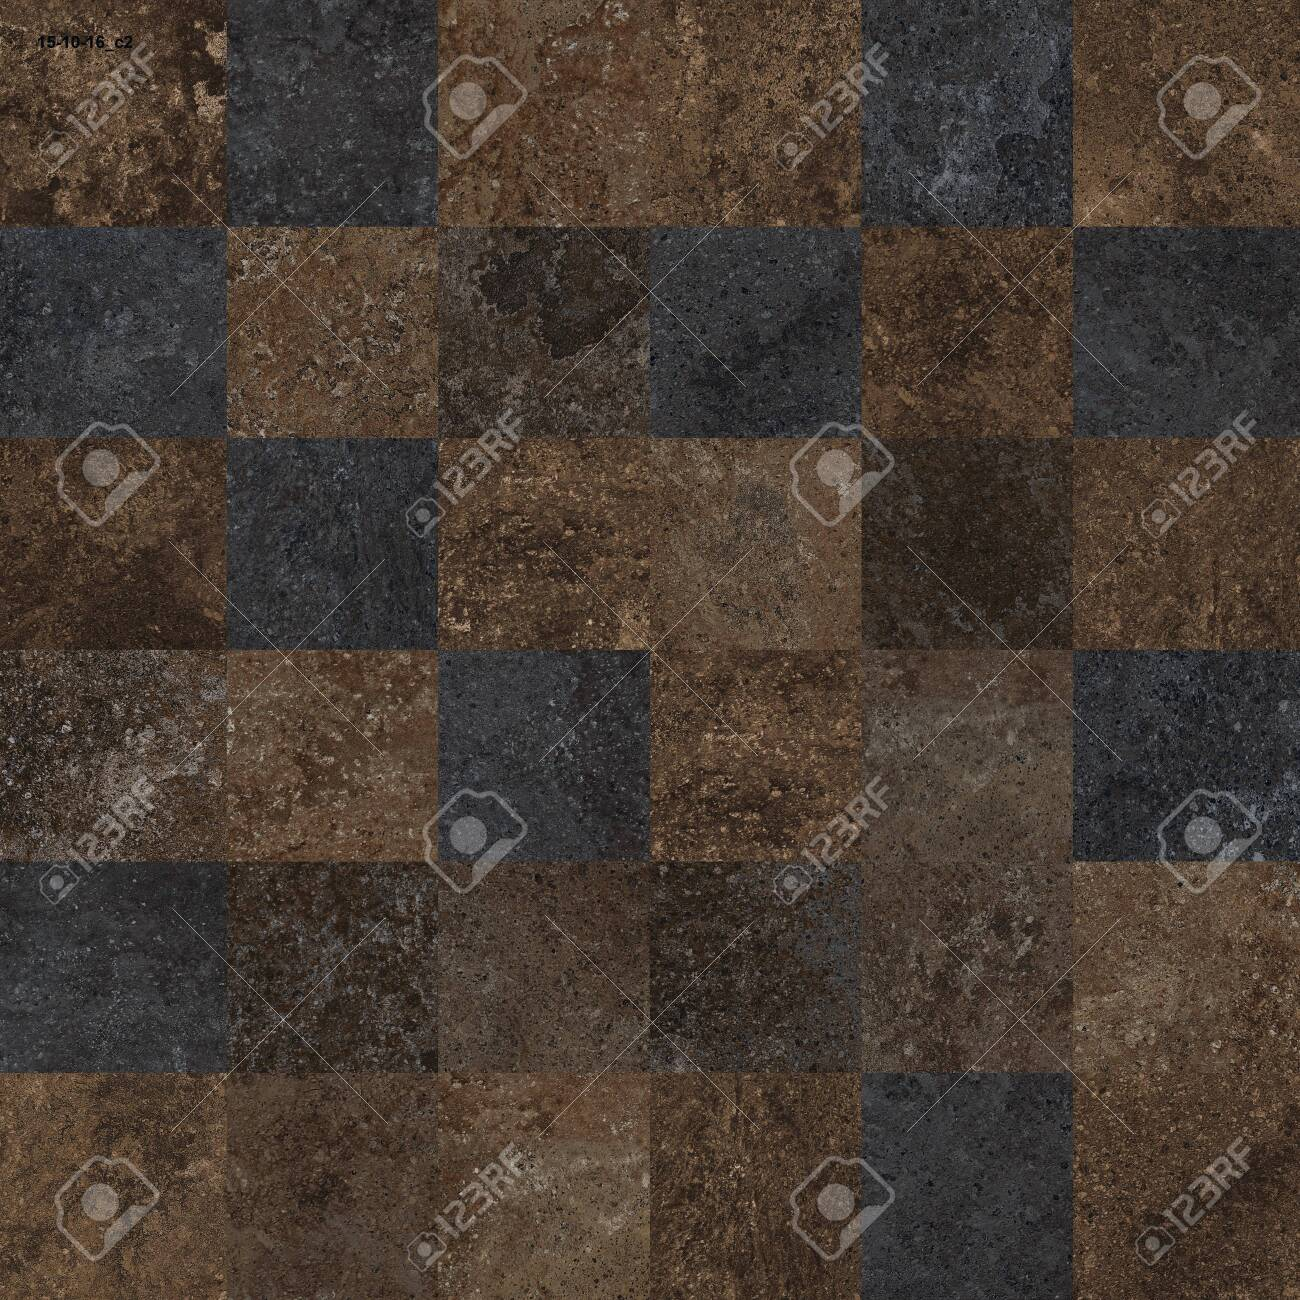 floor tiles , porcelain ceramic tile , geometric pattern for surface and floor , marble floor tiles - 144126981